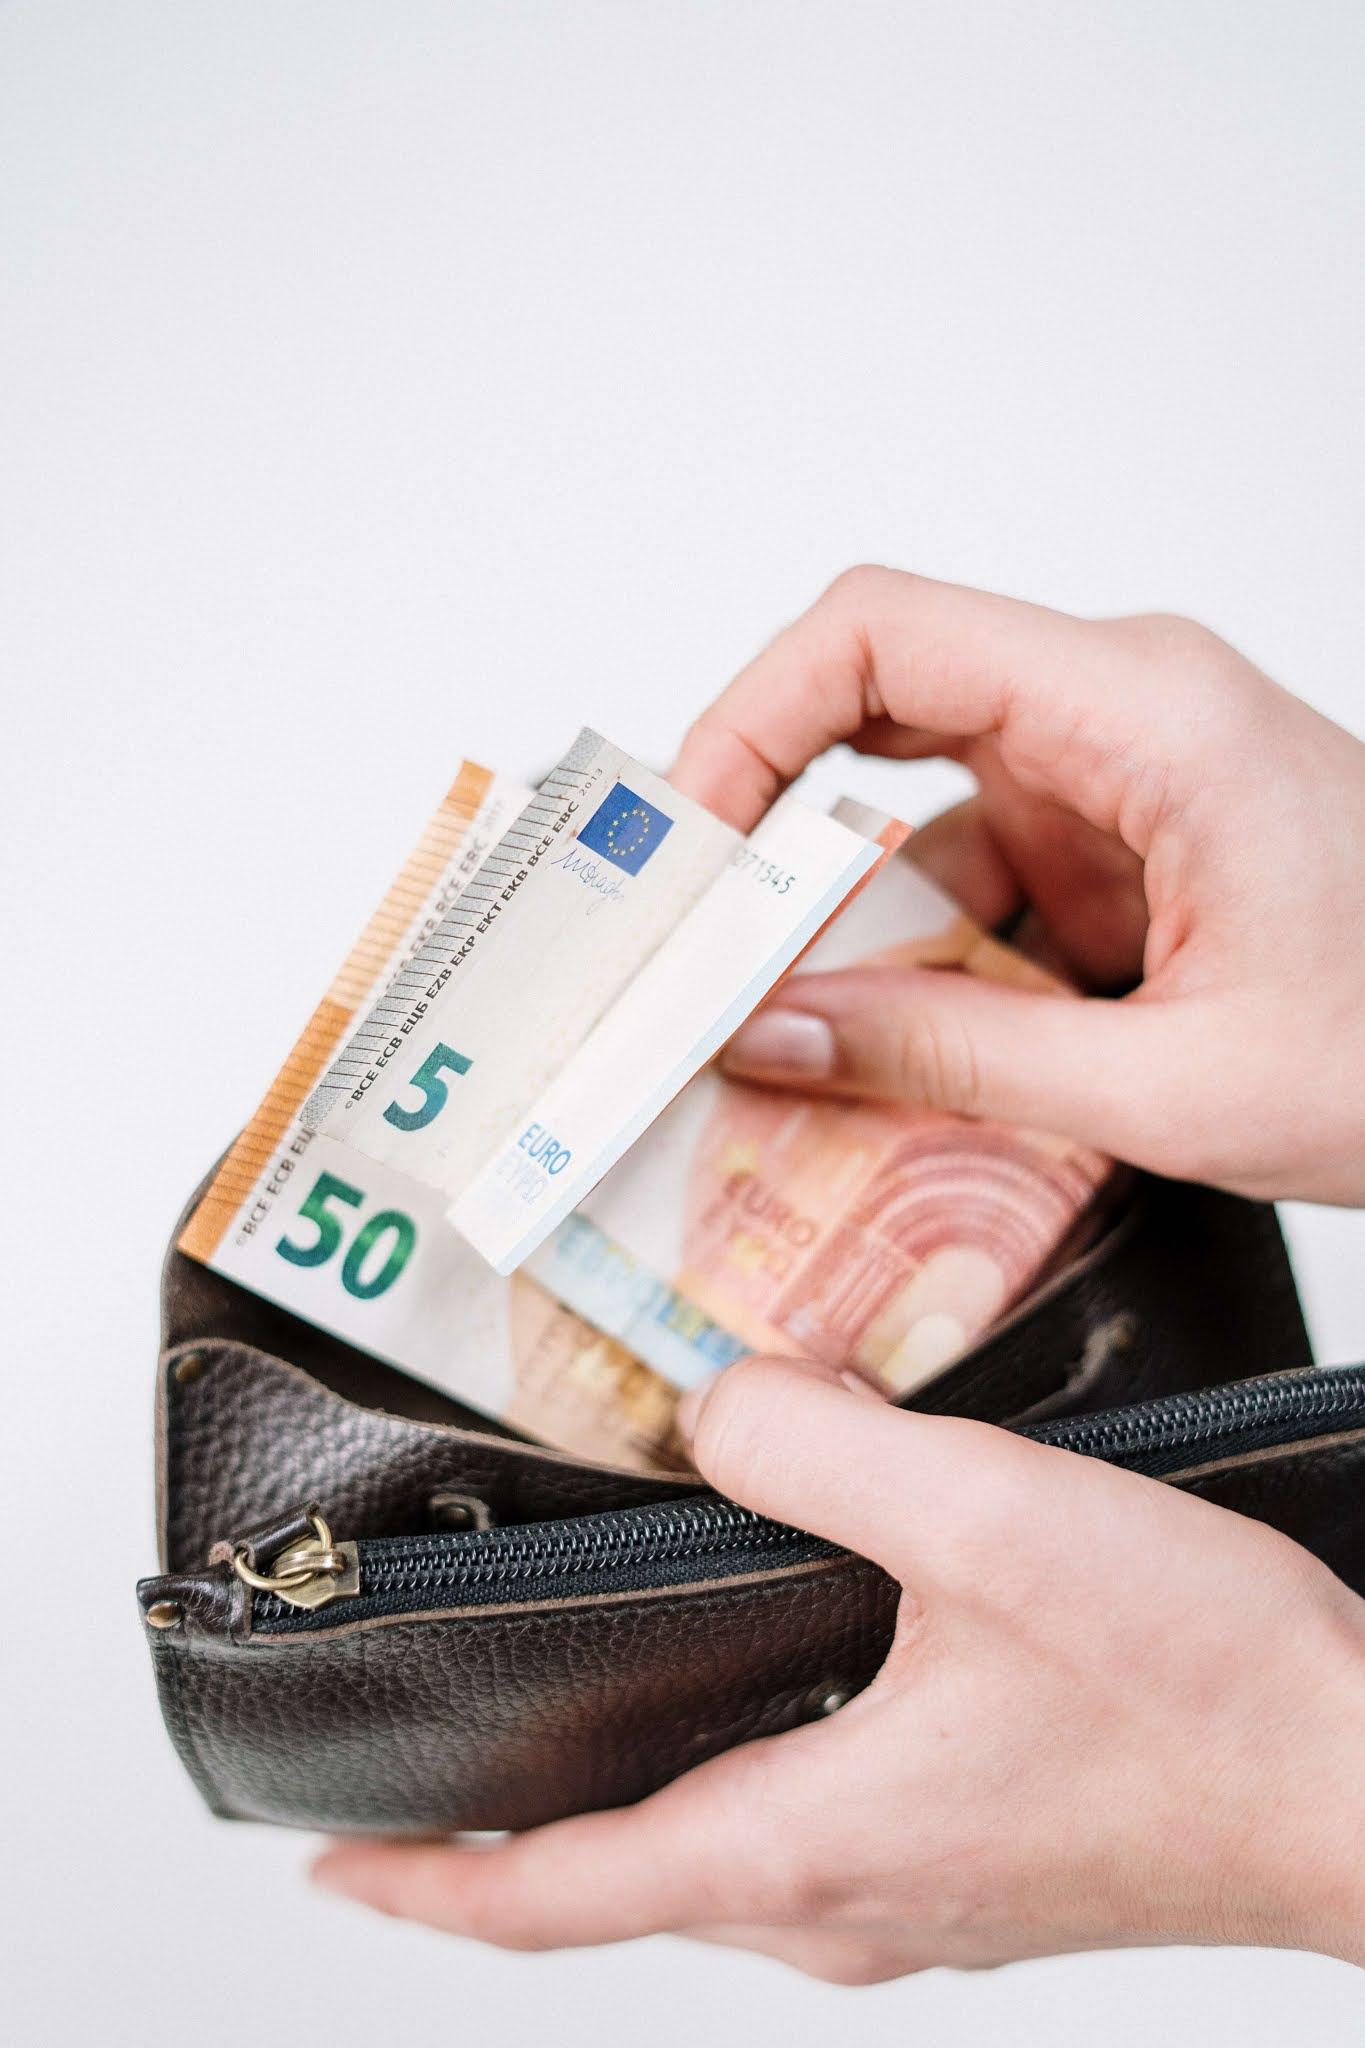 كيف اصبح غنيا: خطوات تحقيق الحرية المالية وفتح باب الثراء المالي 2021